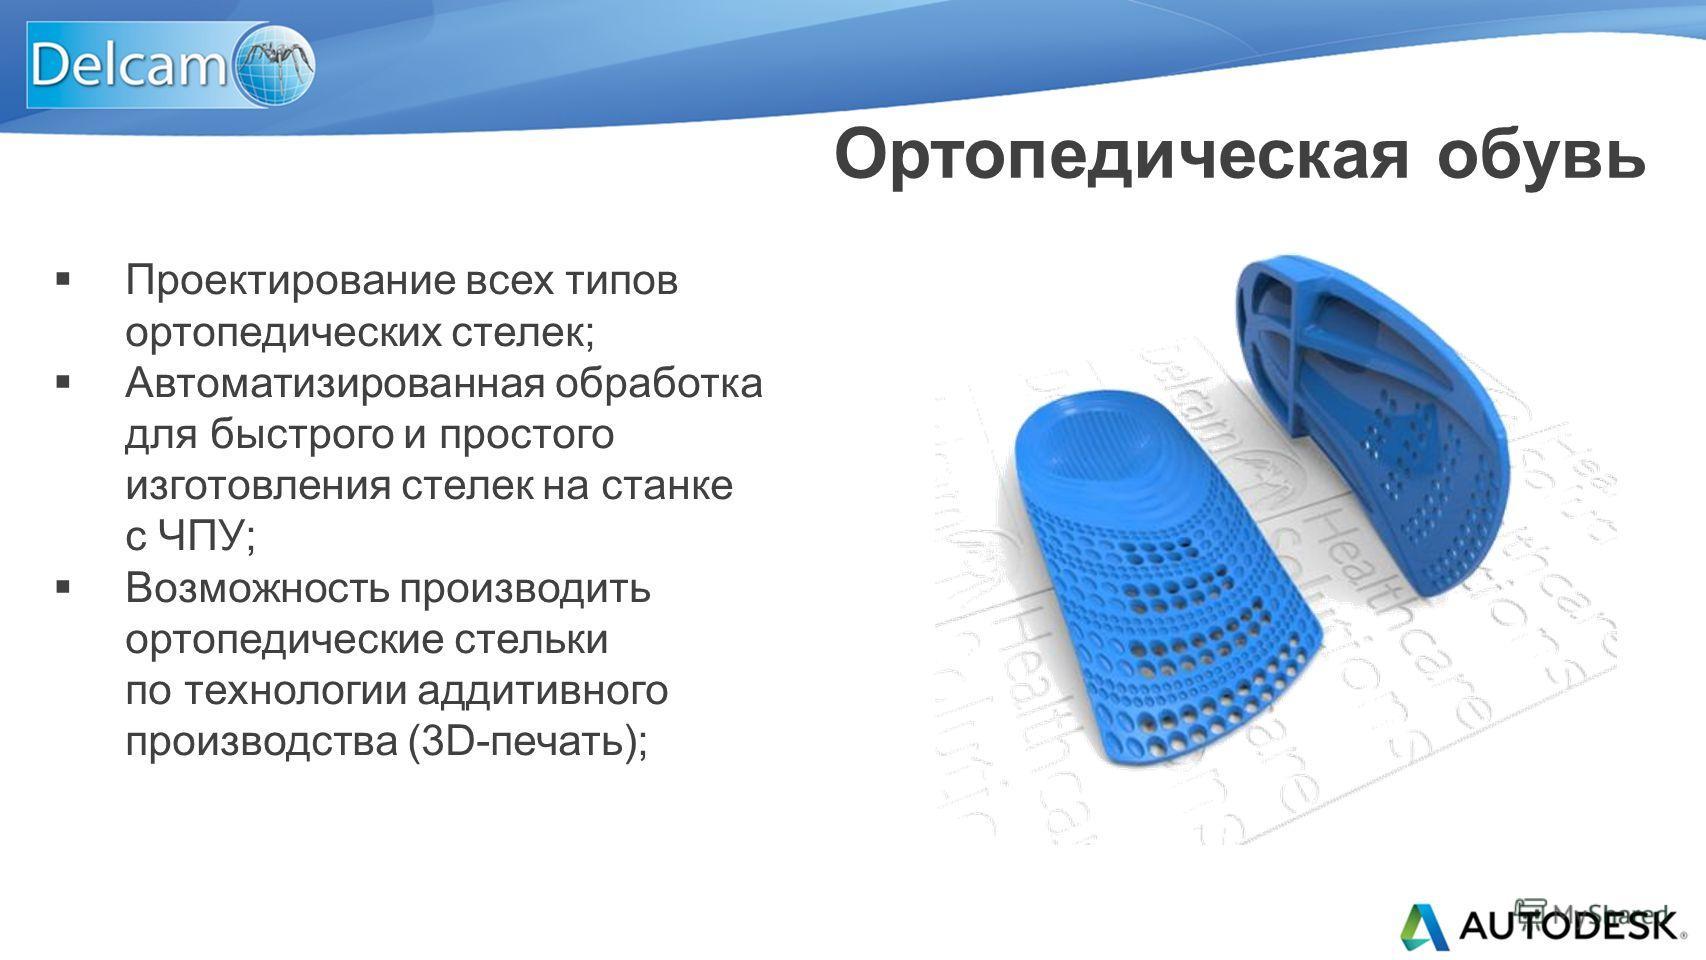 Проектирование всех типов ортопедических стелек; Автоматизированная обработка для быстрого и простого изготовления стелек на станке с ЧПУ; Возможность производить ортопедические стельки по технологии аддитивного производства (3D-печать); Ортопедическ